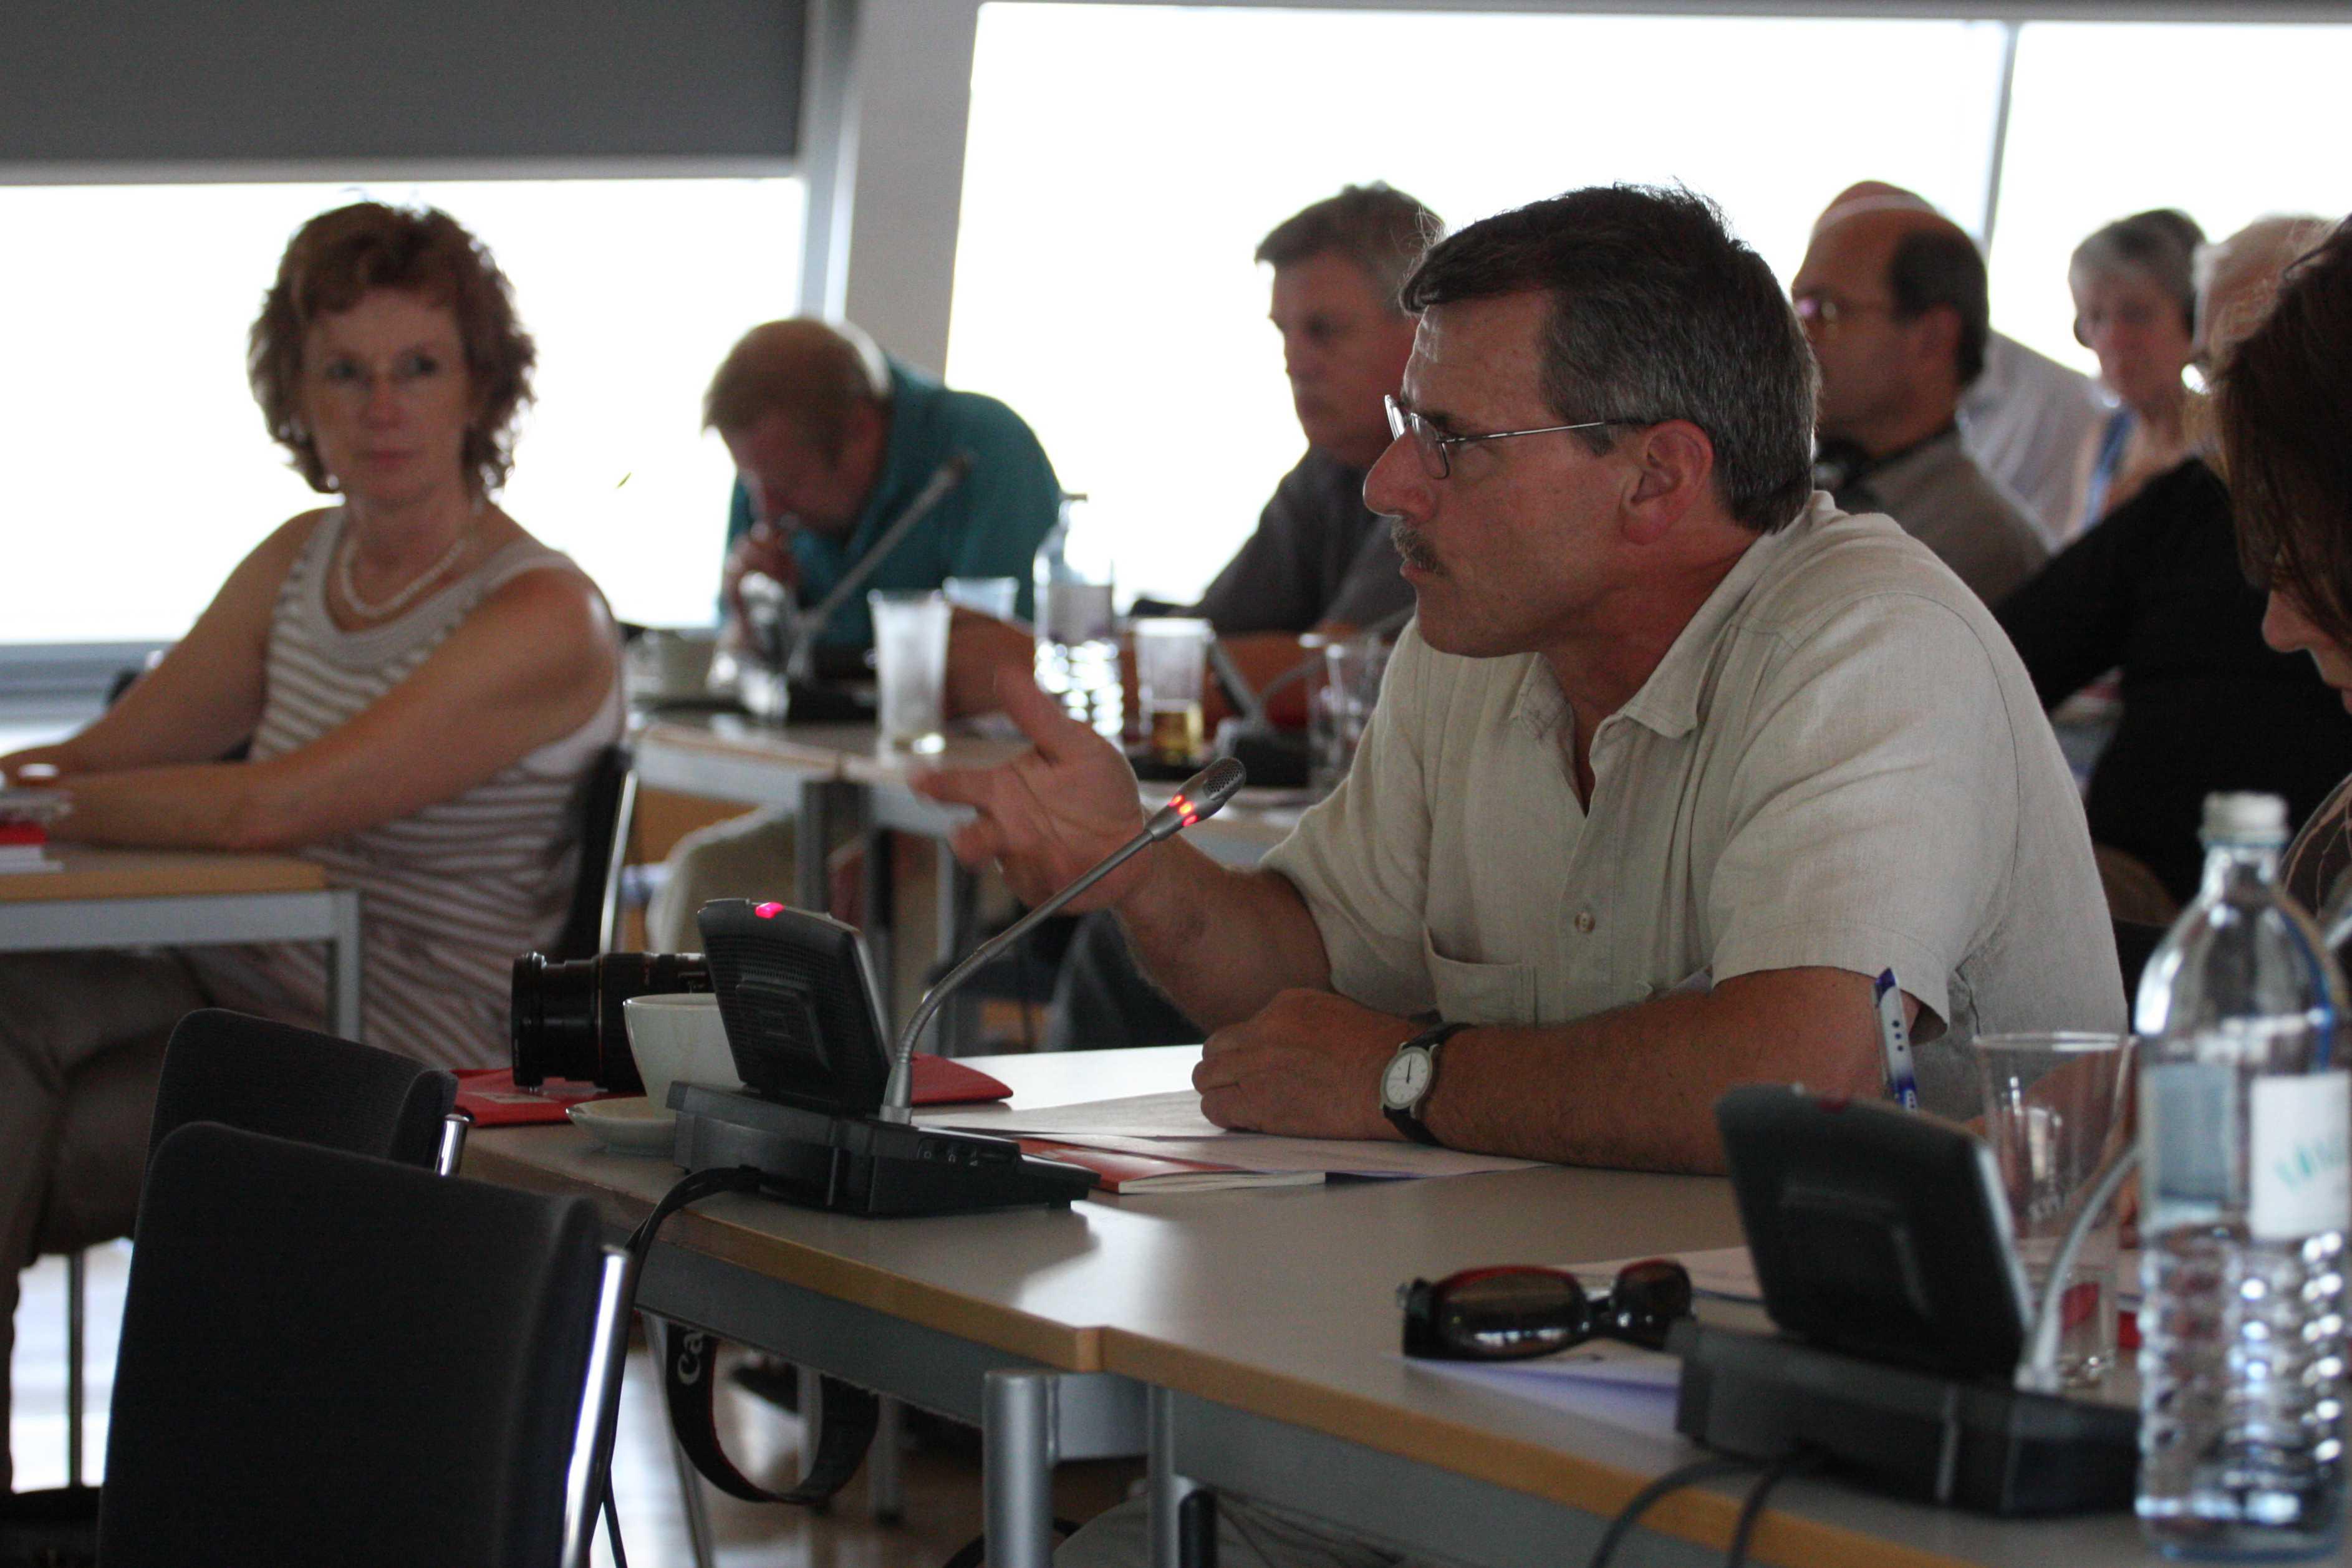 futureforum2011_gjedde